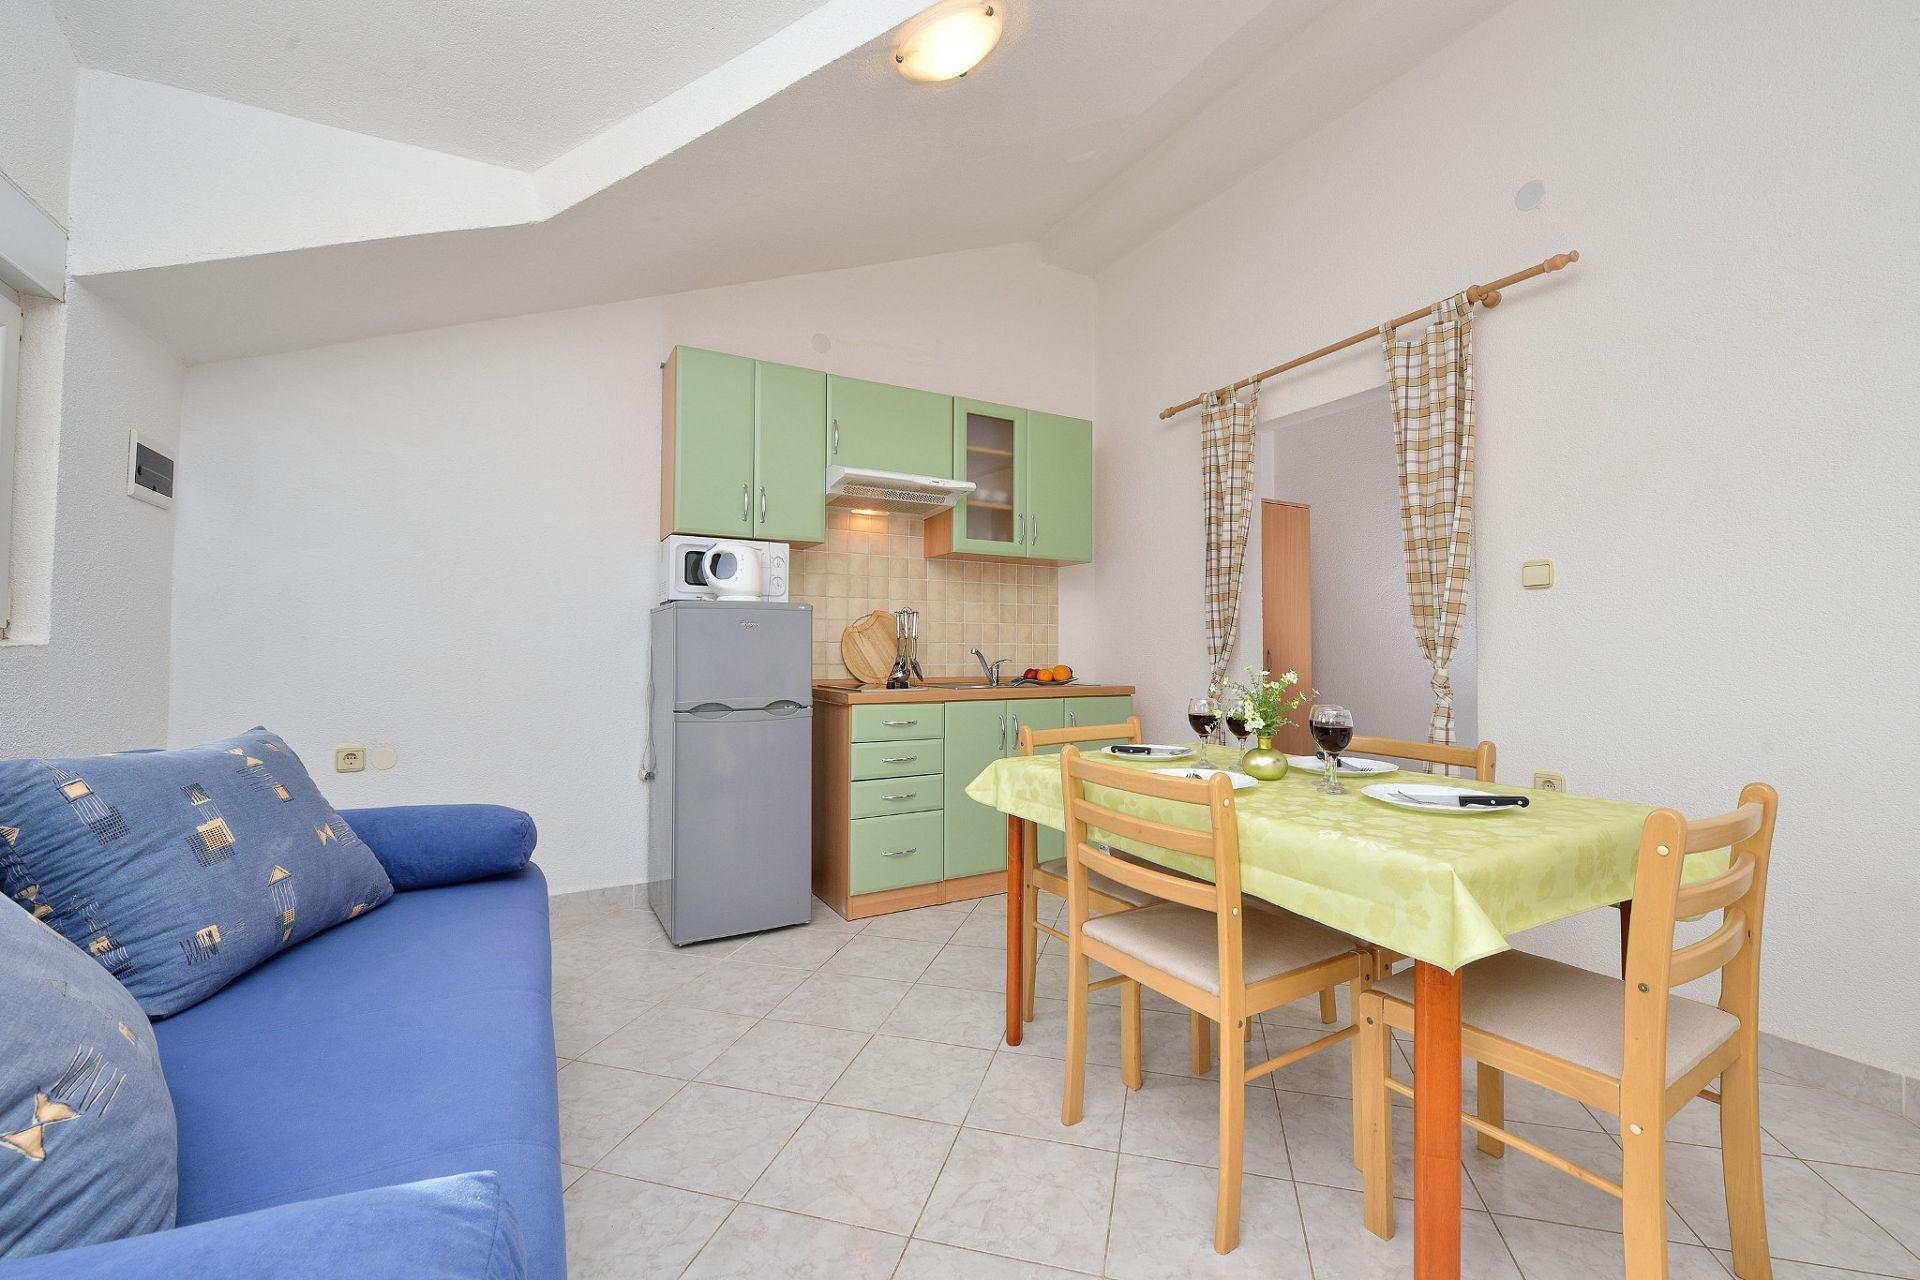 1675 - Drage - Apartmanok Horvátország - A3(2+2): konyha ebédlővel